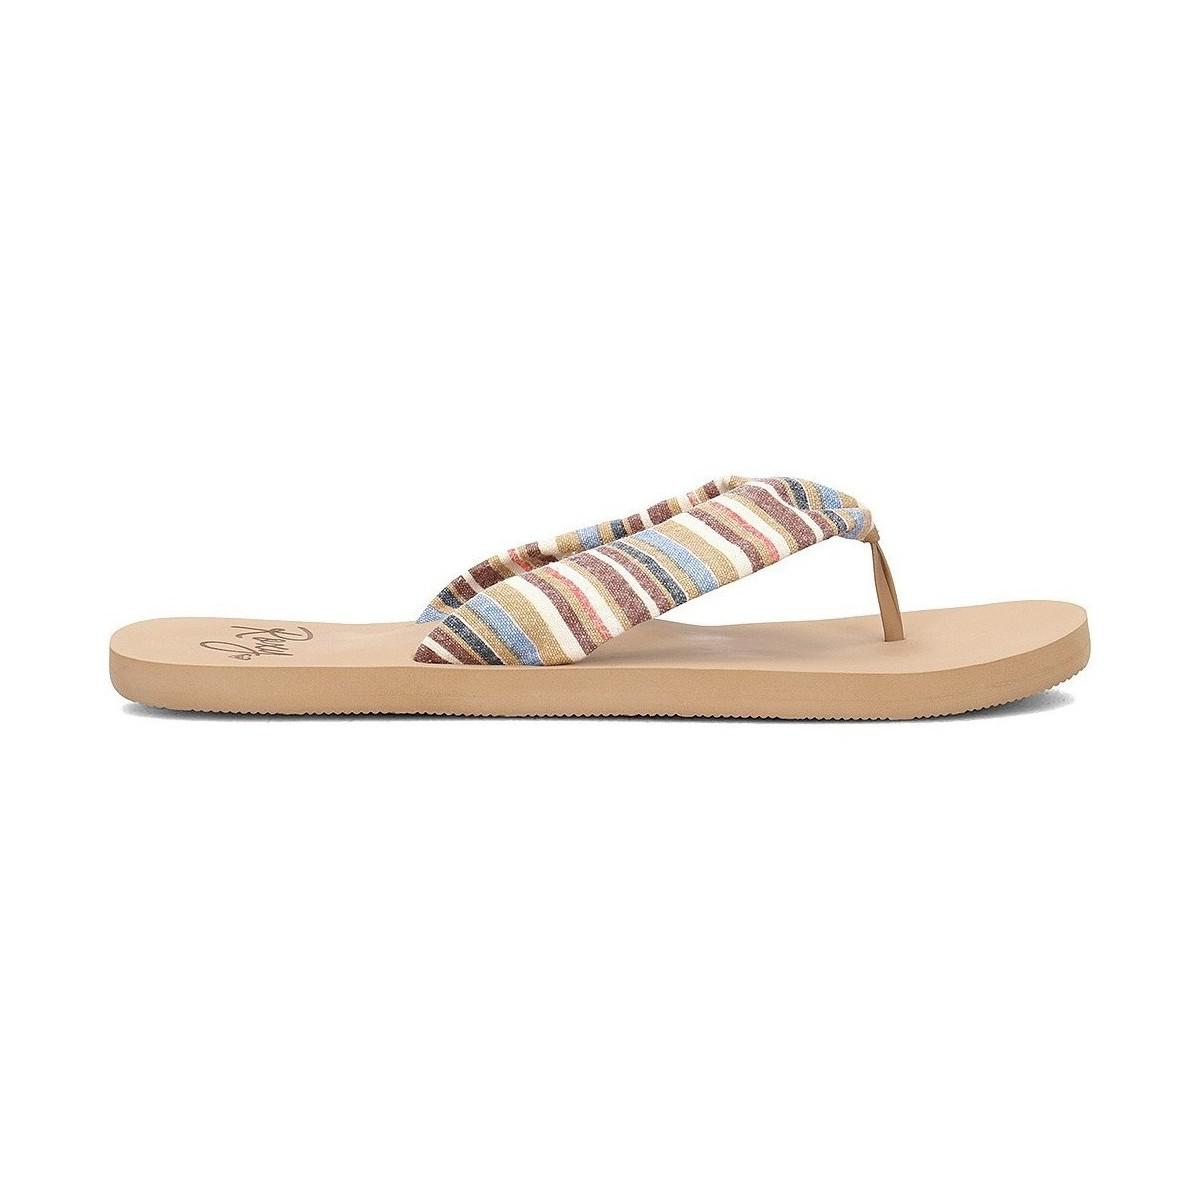 286b2c4636eb Lyst - Roxy Arjl100674mlt Women s Flip Flops   Sandals (shoes) In ...